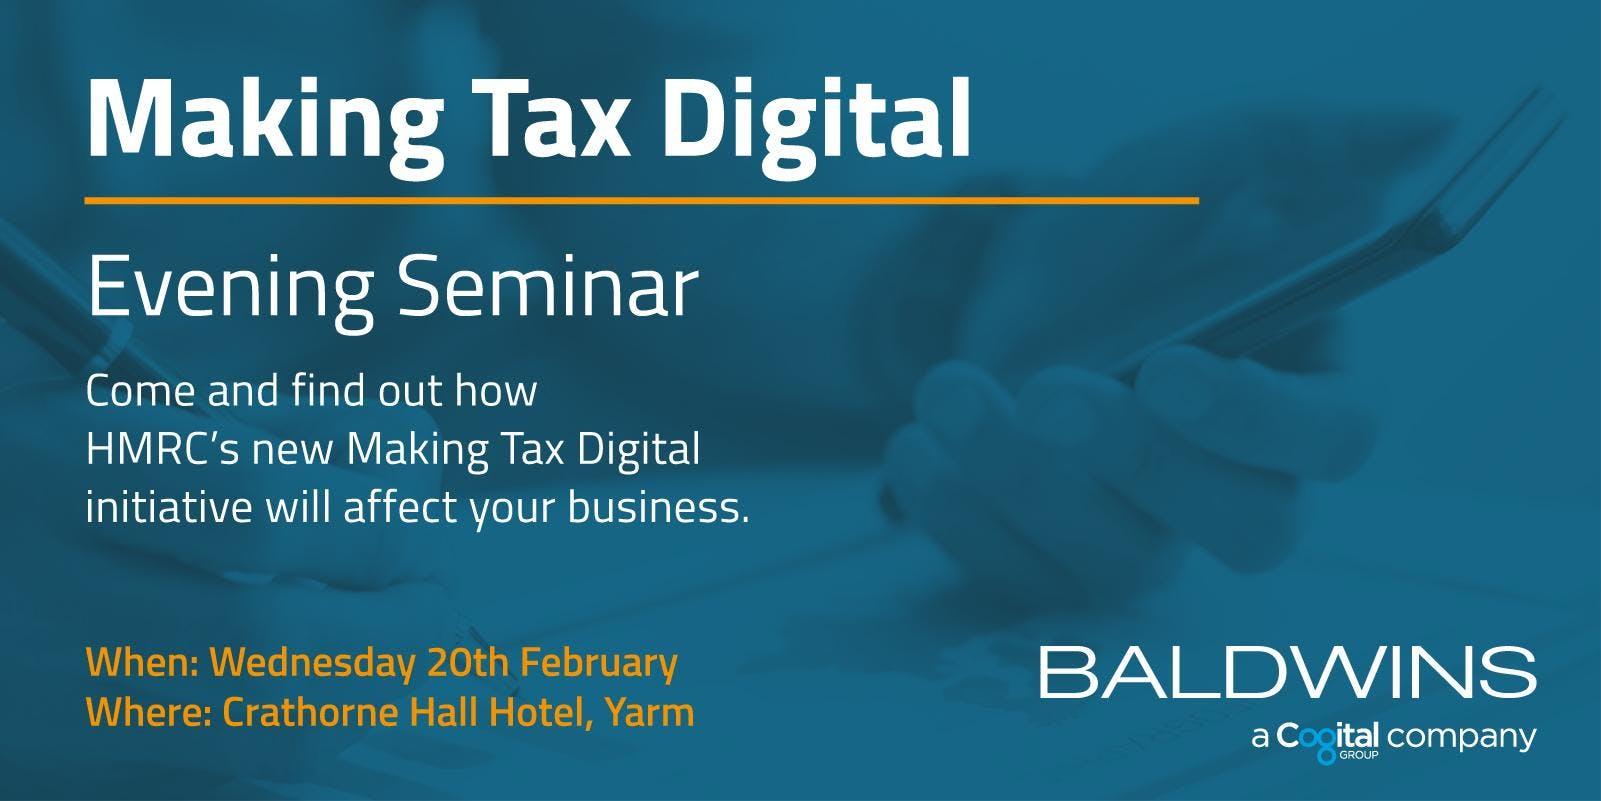 Making Tax Digital - Teesside Evening Seminar